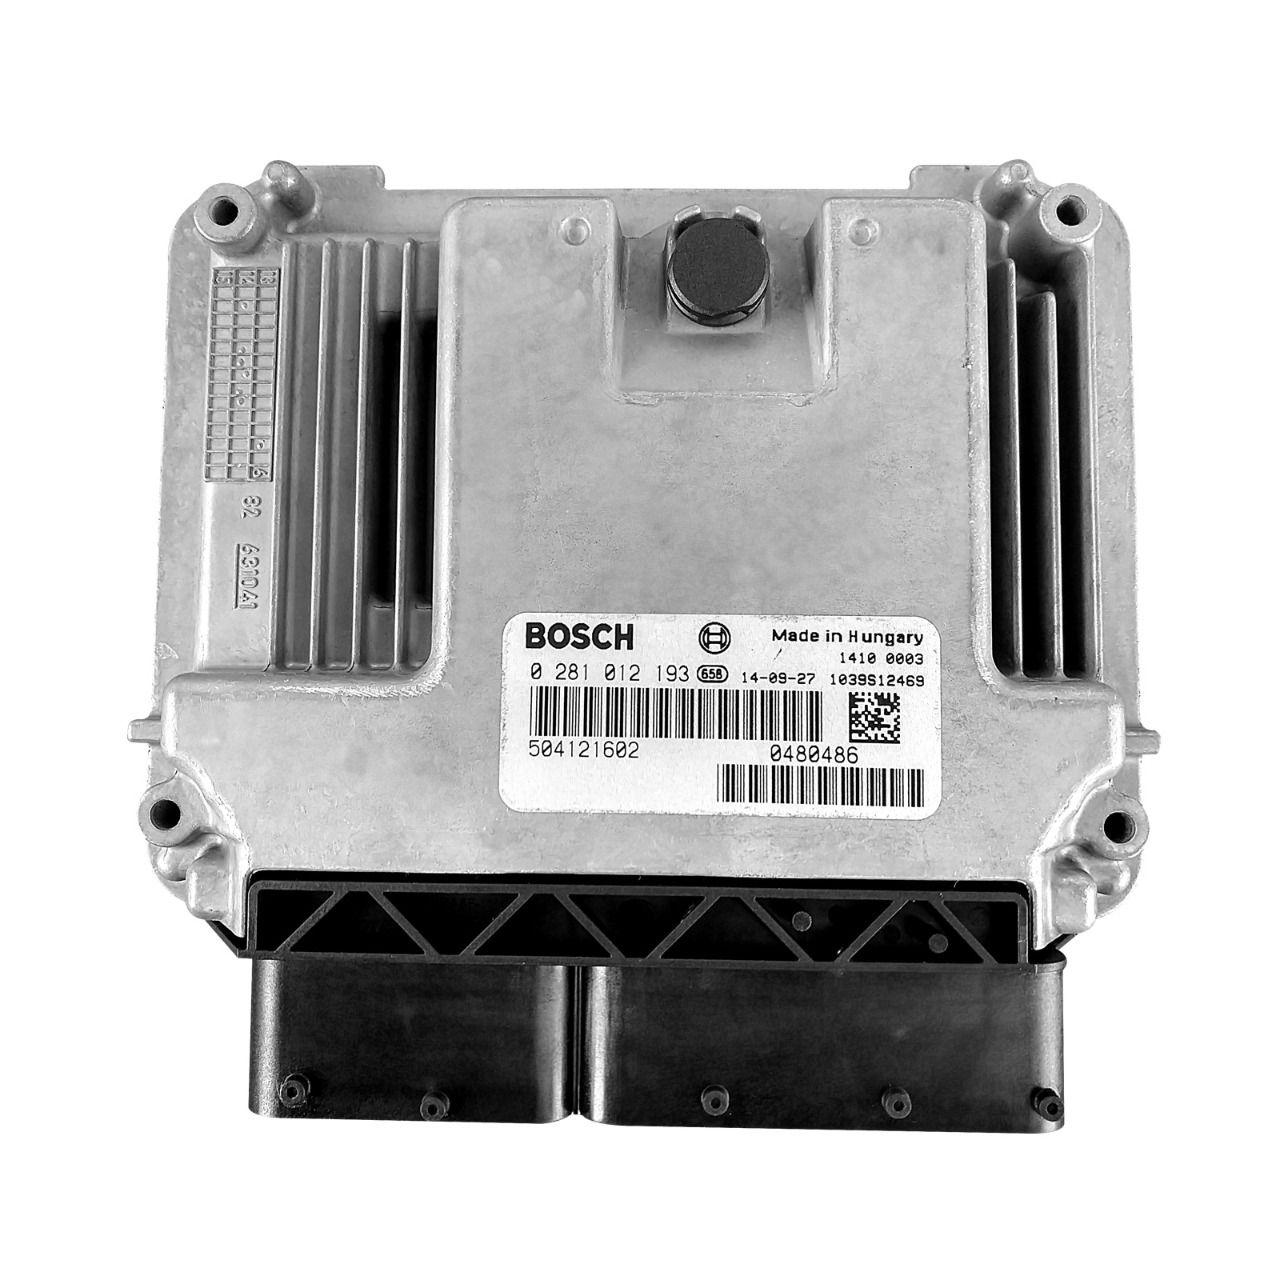 Modulo de Injeção Eletrônica  Iveco Daily 35S14 / 40S16 / 45S14 / 45S16 / 55C16 / 70C16  Todas 3.0 16V Euro 3